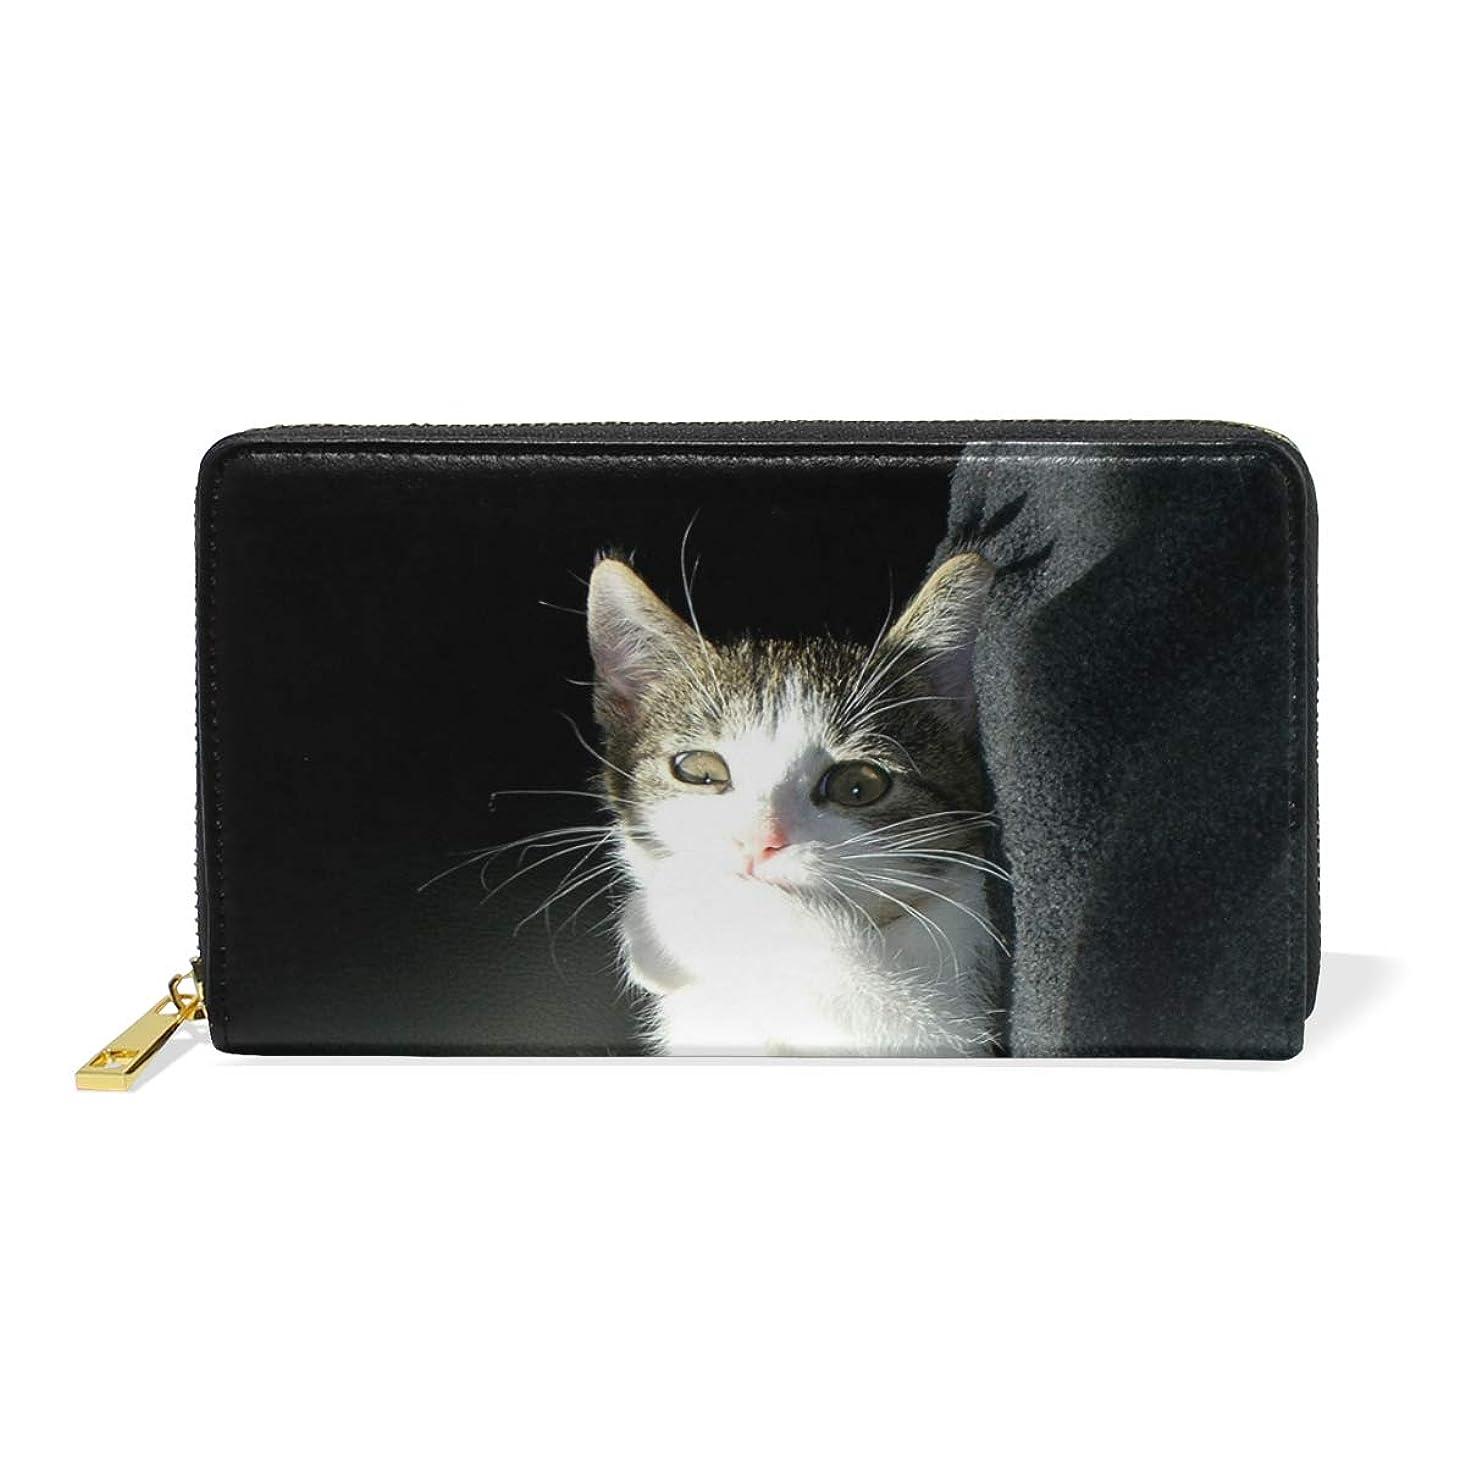 引き金通り高度なAyuStyle 財布 長財布 レディース メンズ PU レザー ファスナー 小銭入れあり お札入れ カード入れ 二つ折り 大容量 可愛い 個性的 猫柄 ネコ 写真